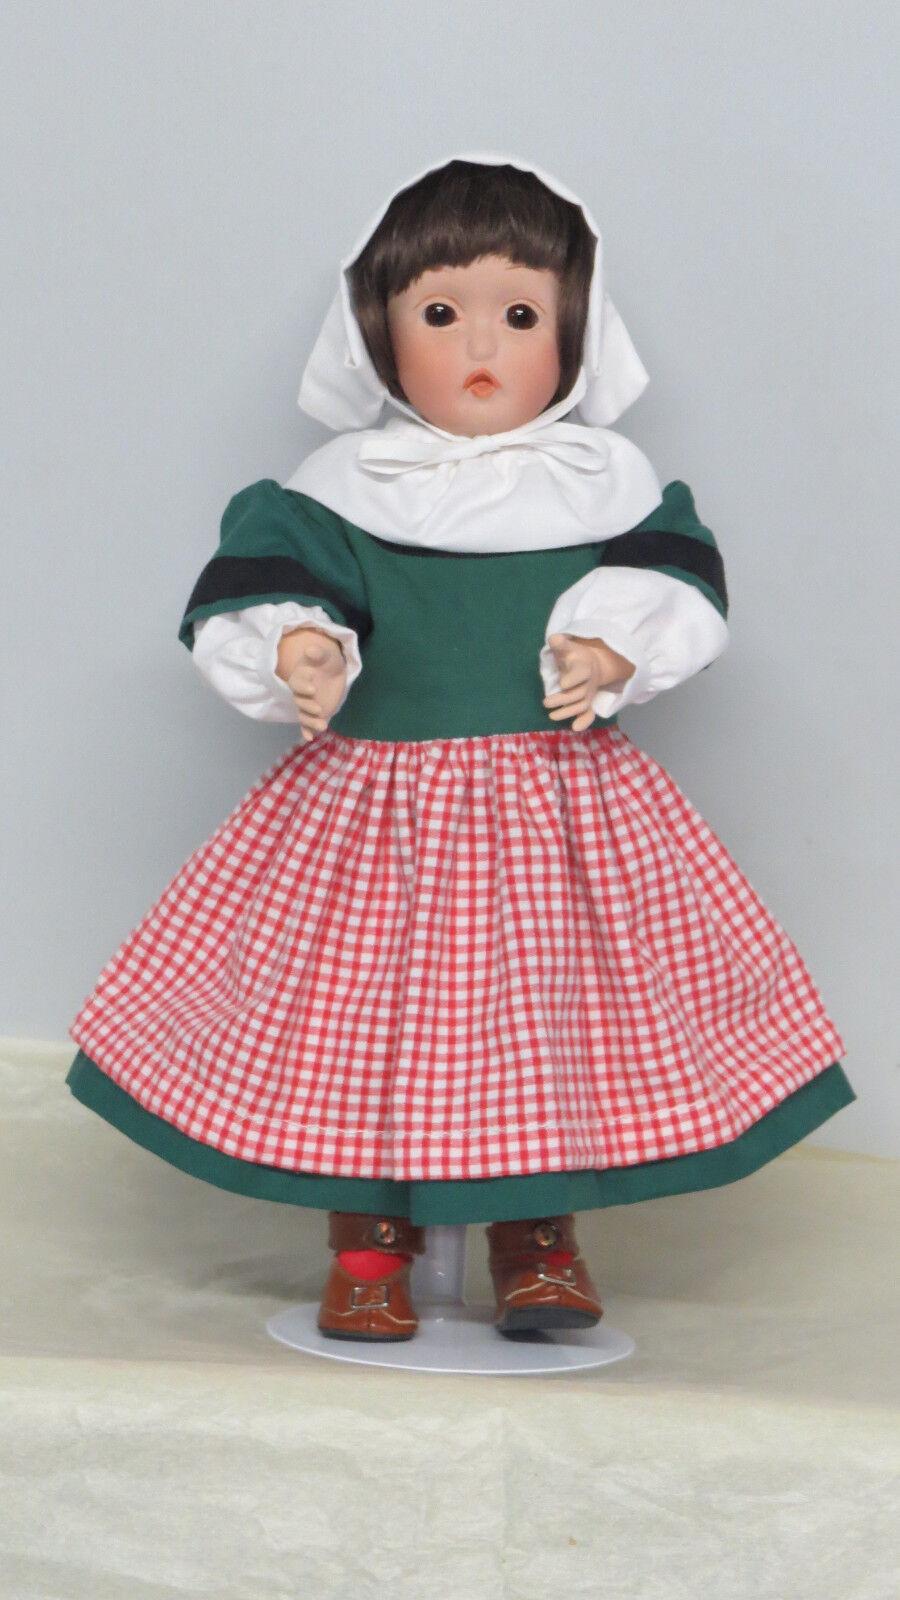 Bécassine      N°15    .  35 cm                   Poupée   creation   bambola  la migliore offerta del negozio online